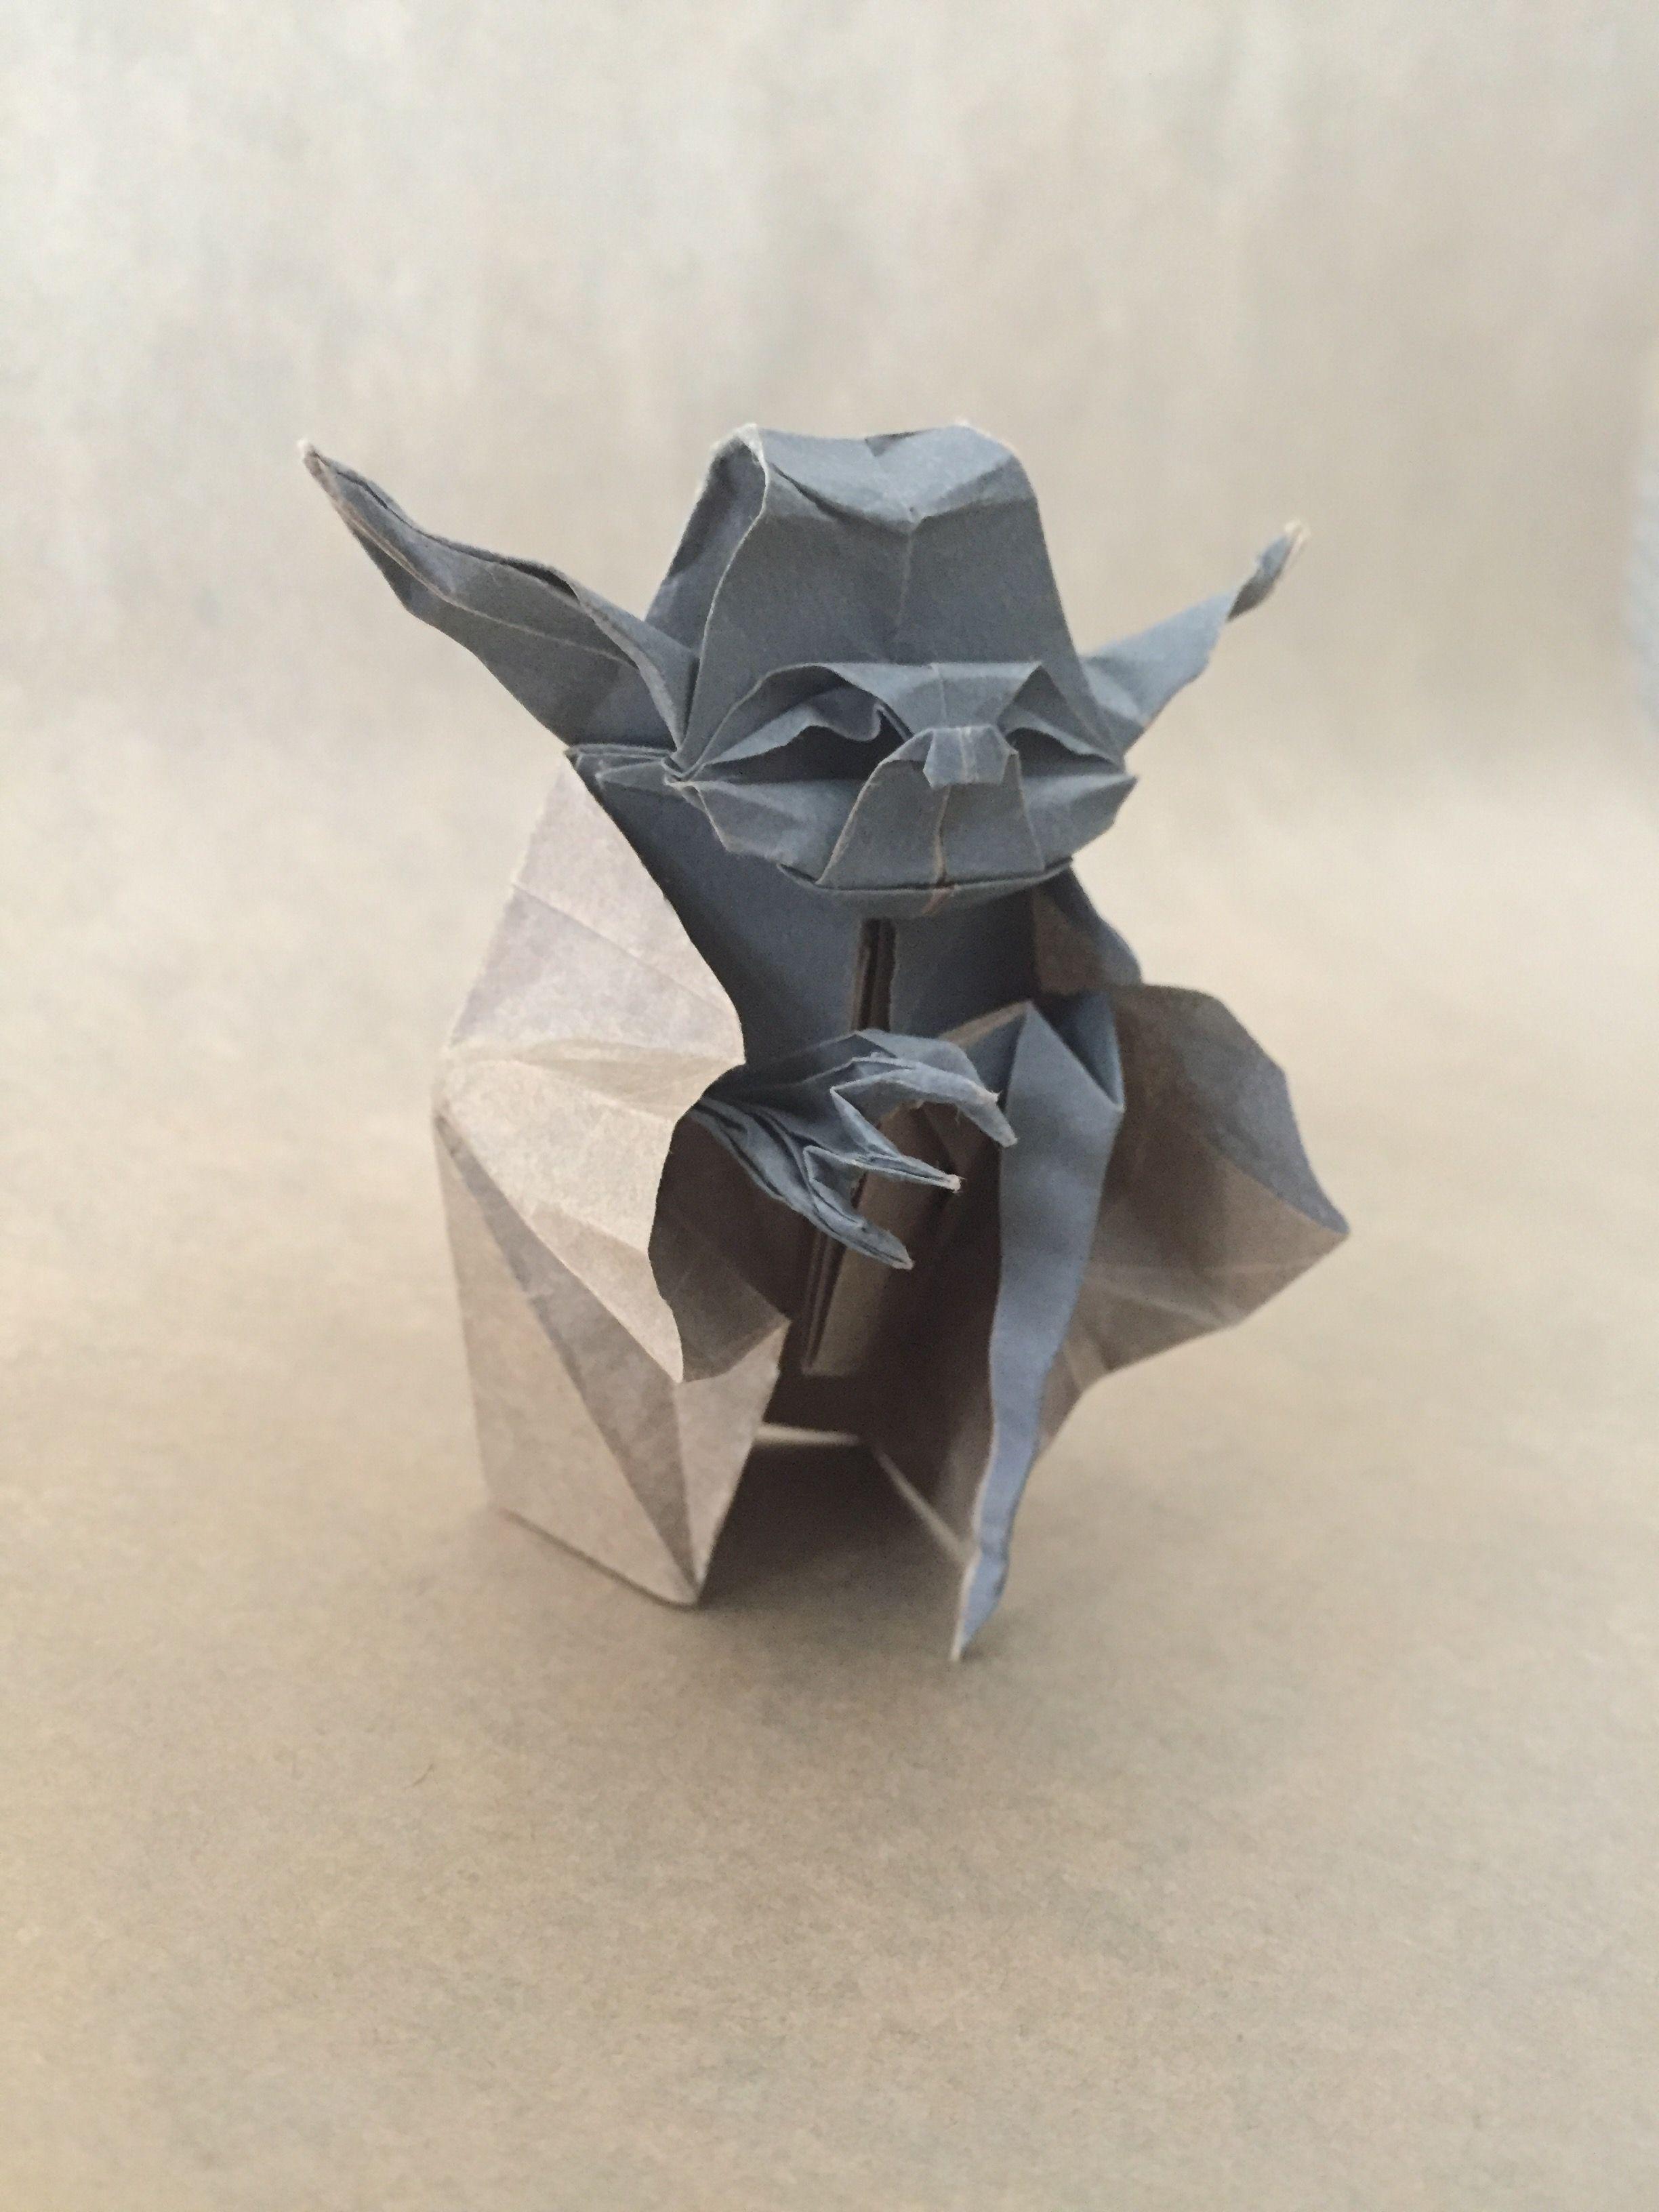 Origami Jedi Master Yoda Designed By Fumiakikawahata Starwars Figure Origamiyoda Origami Yoda Master Yoda Jedi Master Yoda